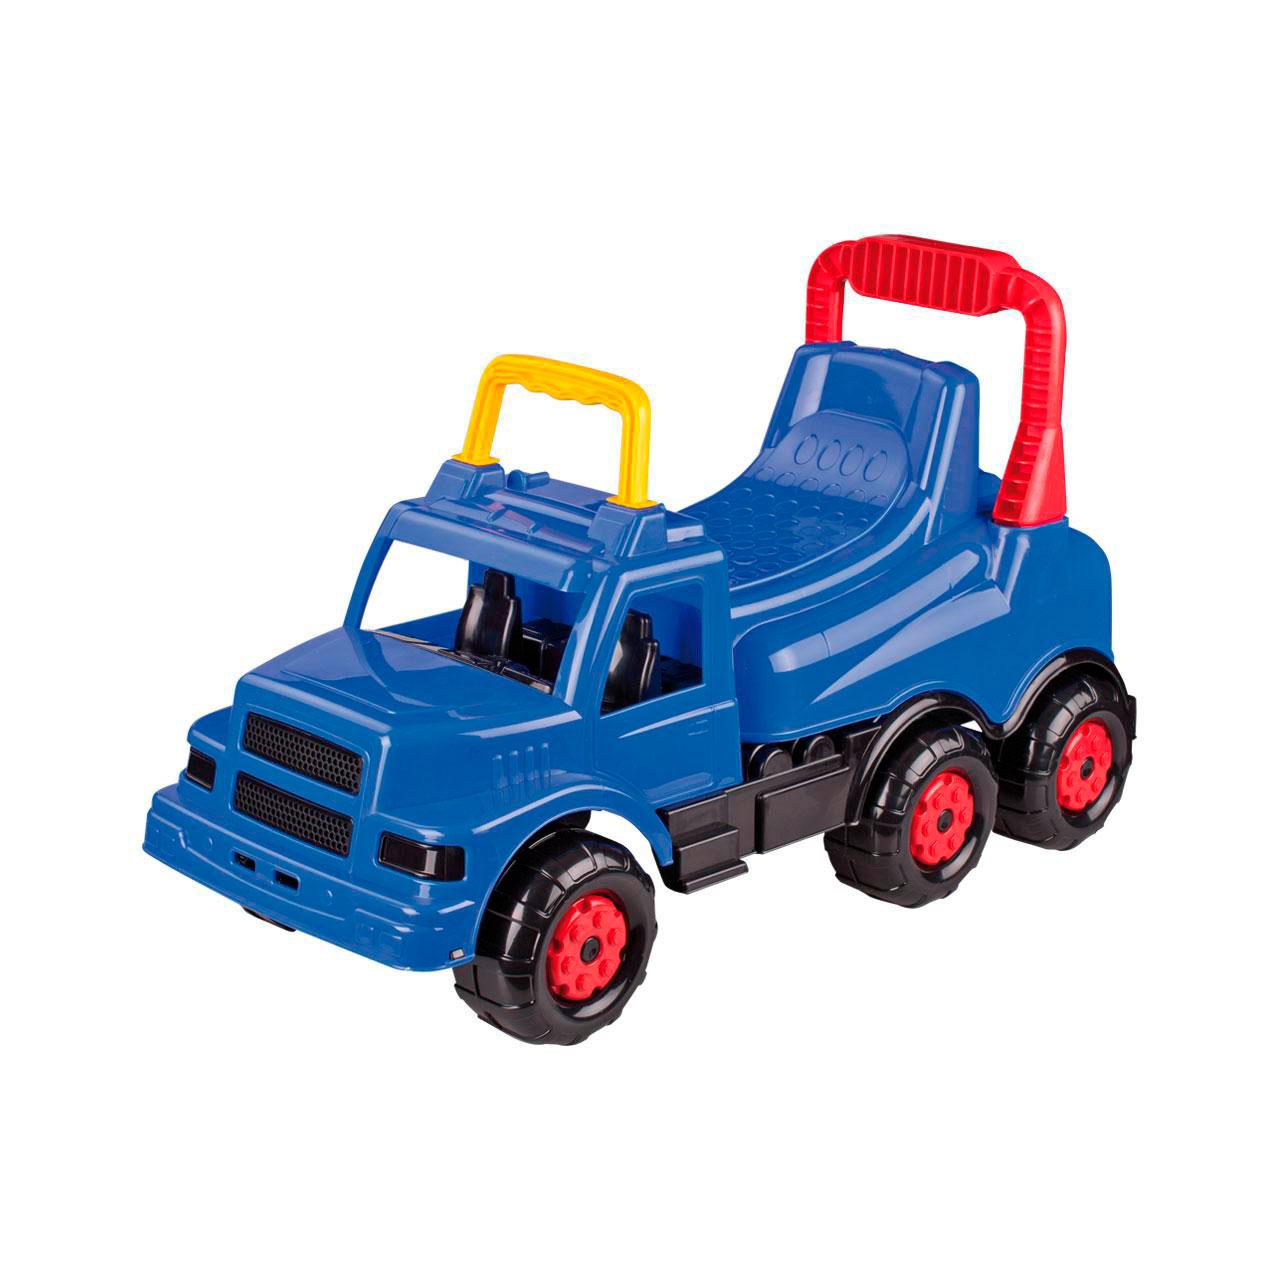 Каталка Альтернатива Машинка Веселые гонки Синяя для мальчиков<br>